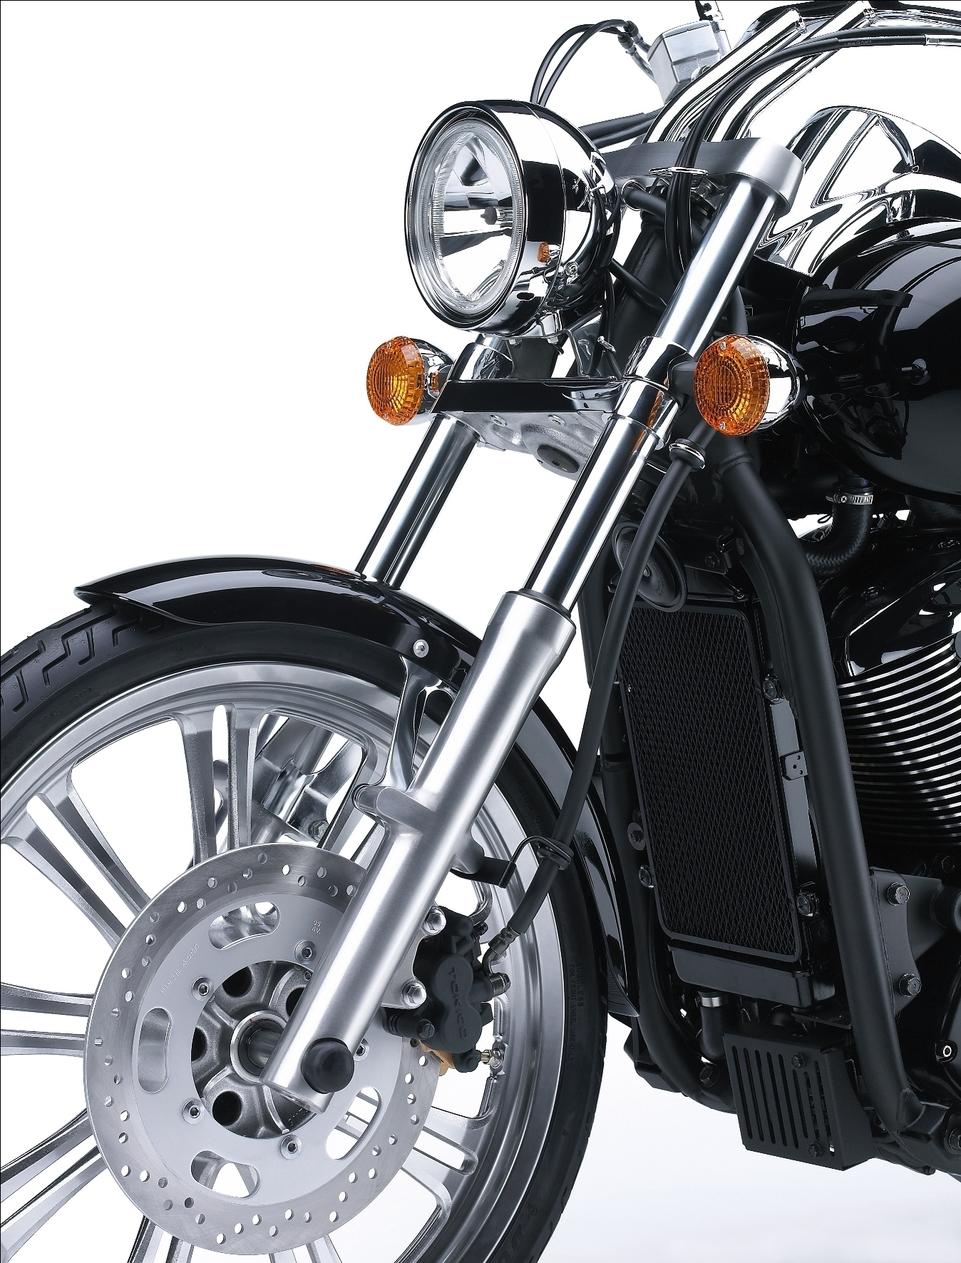 Nouveauté 2008 : Kawasaki VN900 Custom, les photos